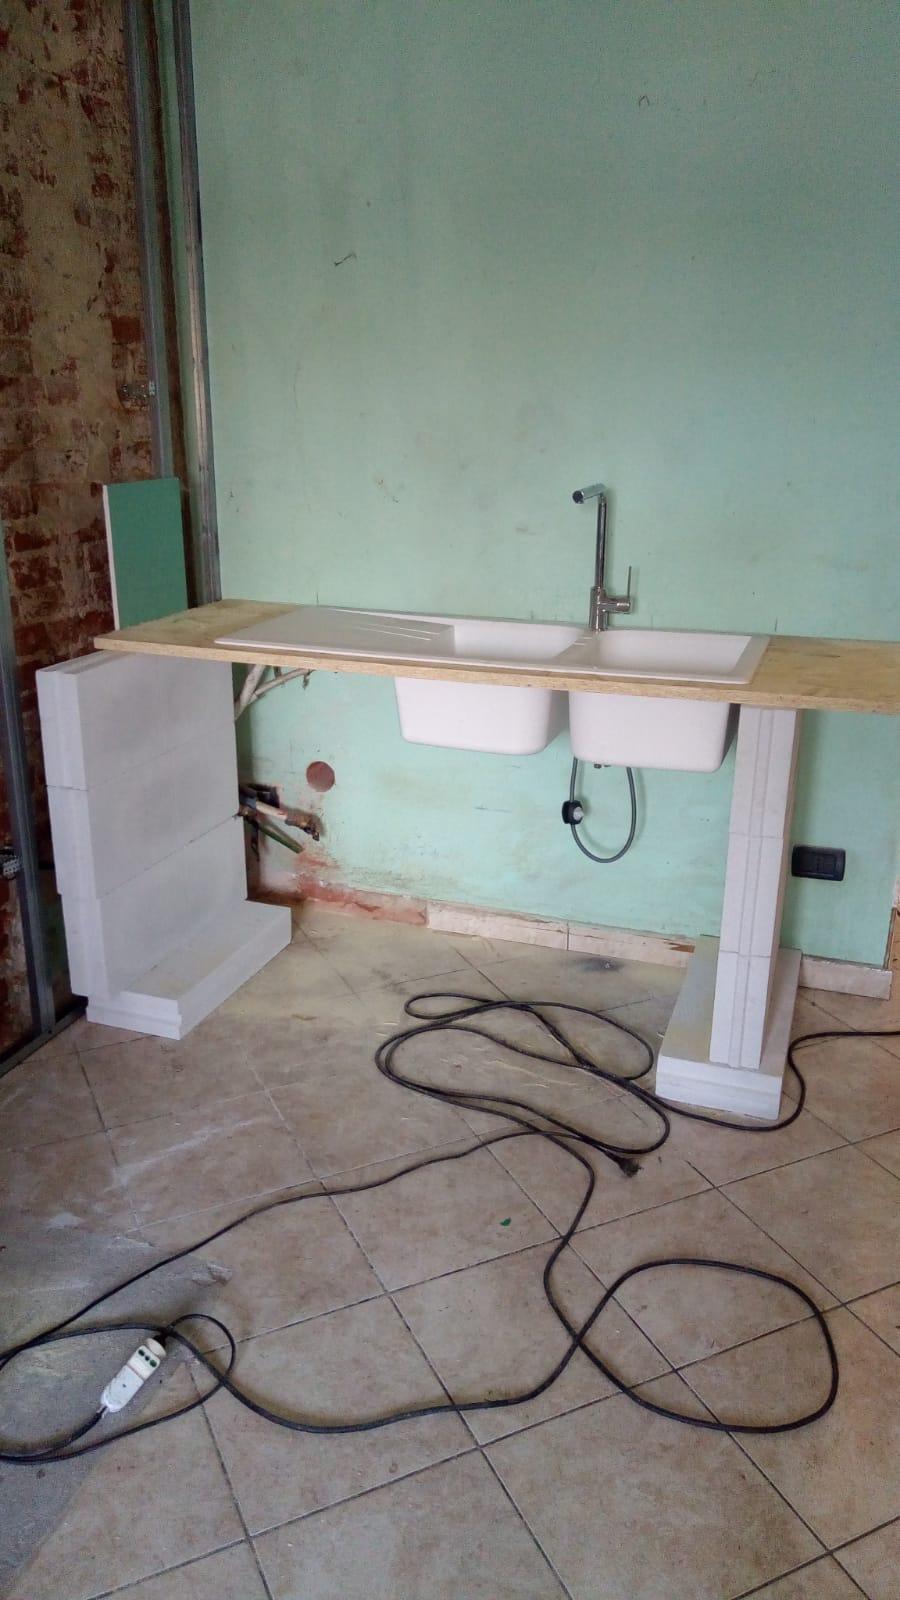 Struttura per posa lavandino in cucina in muratura - DEAS ...